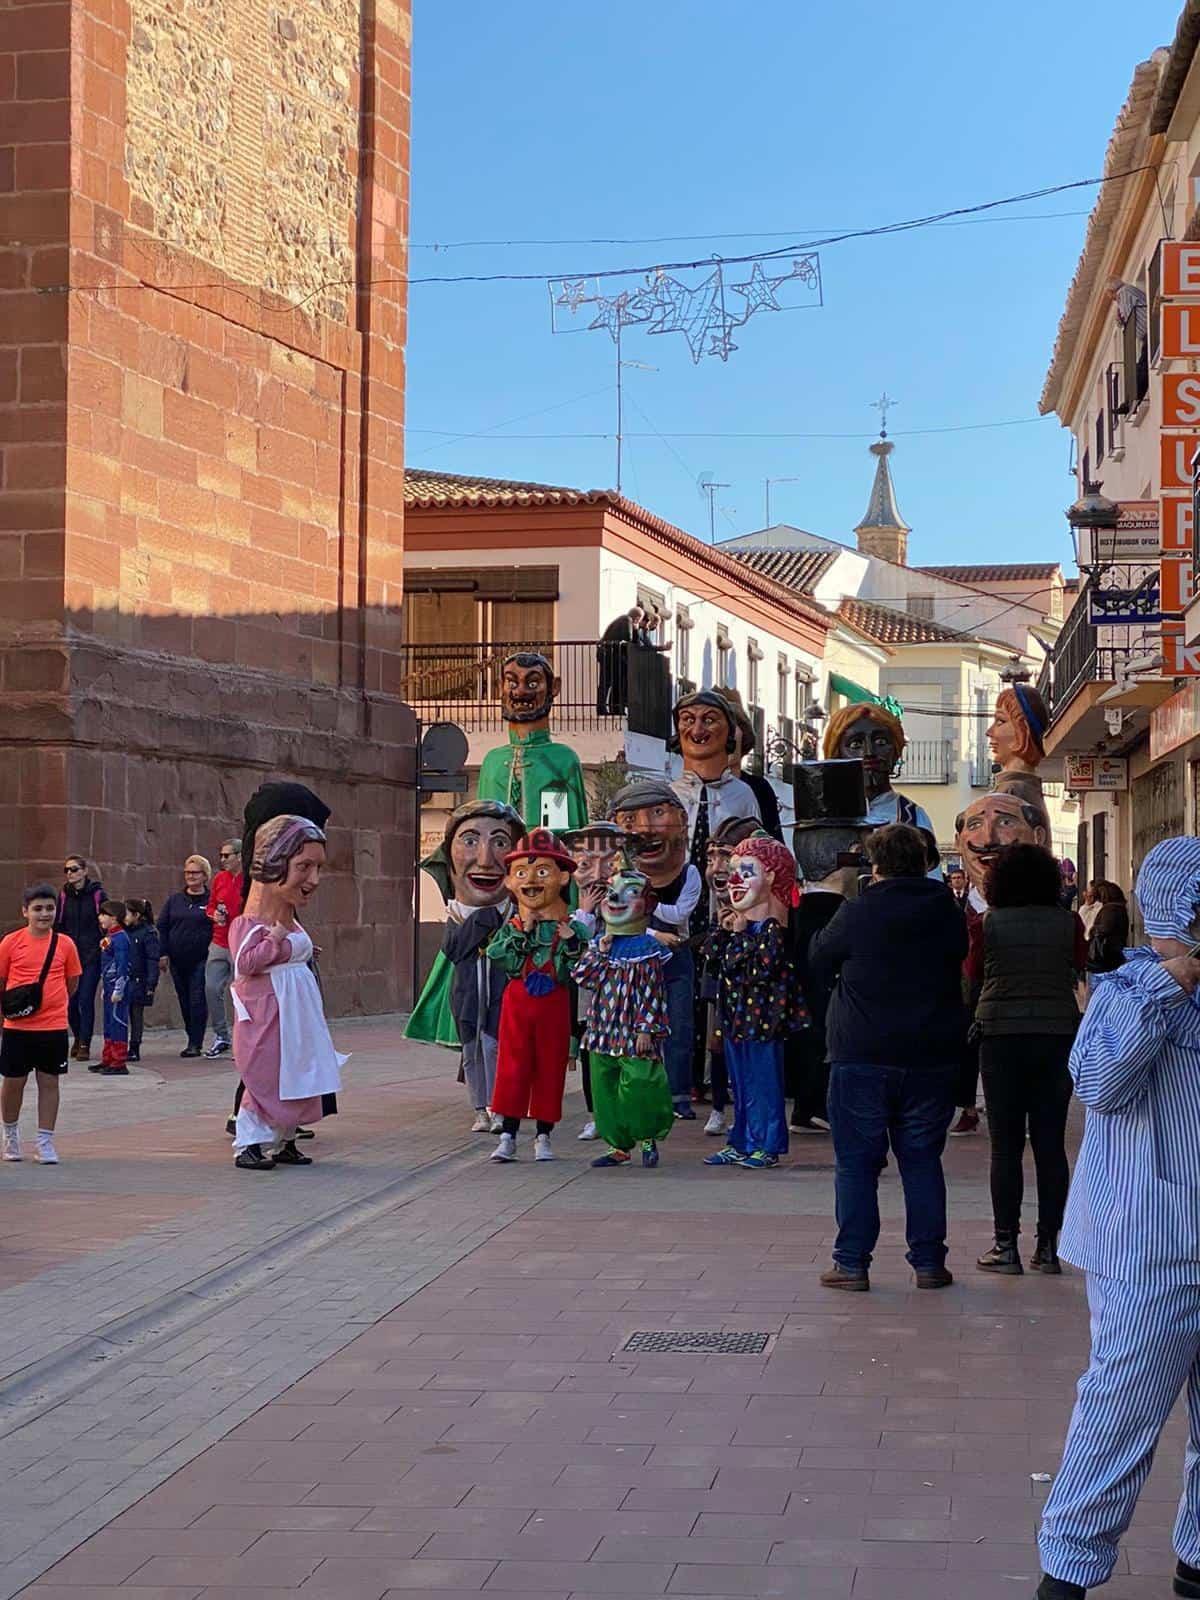 Carnaval herencia 2020 pasacalles domingo deseosas 35 - El Domingo de las Deseosas invita a todo el mundo al Carnaval de Herencia